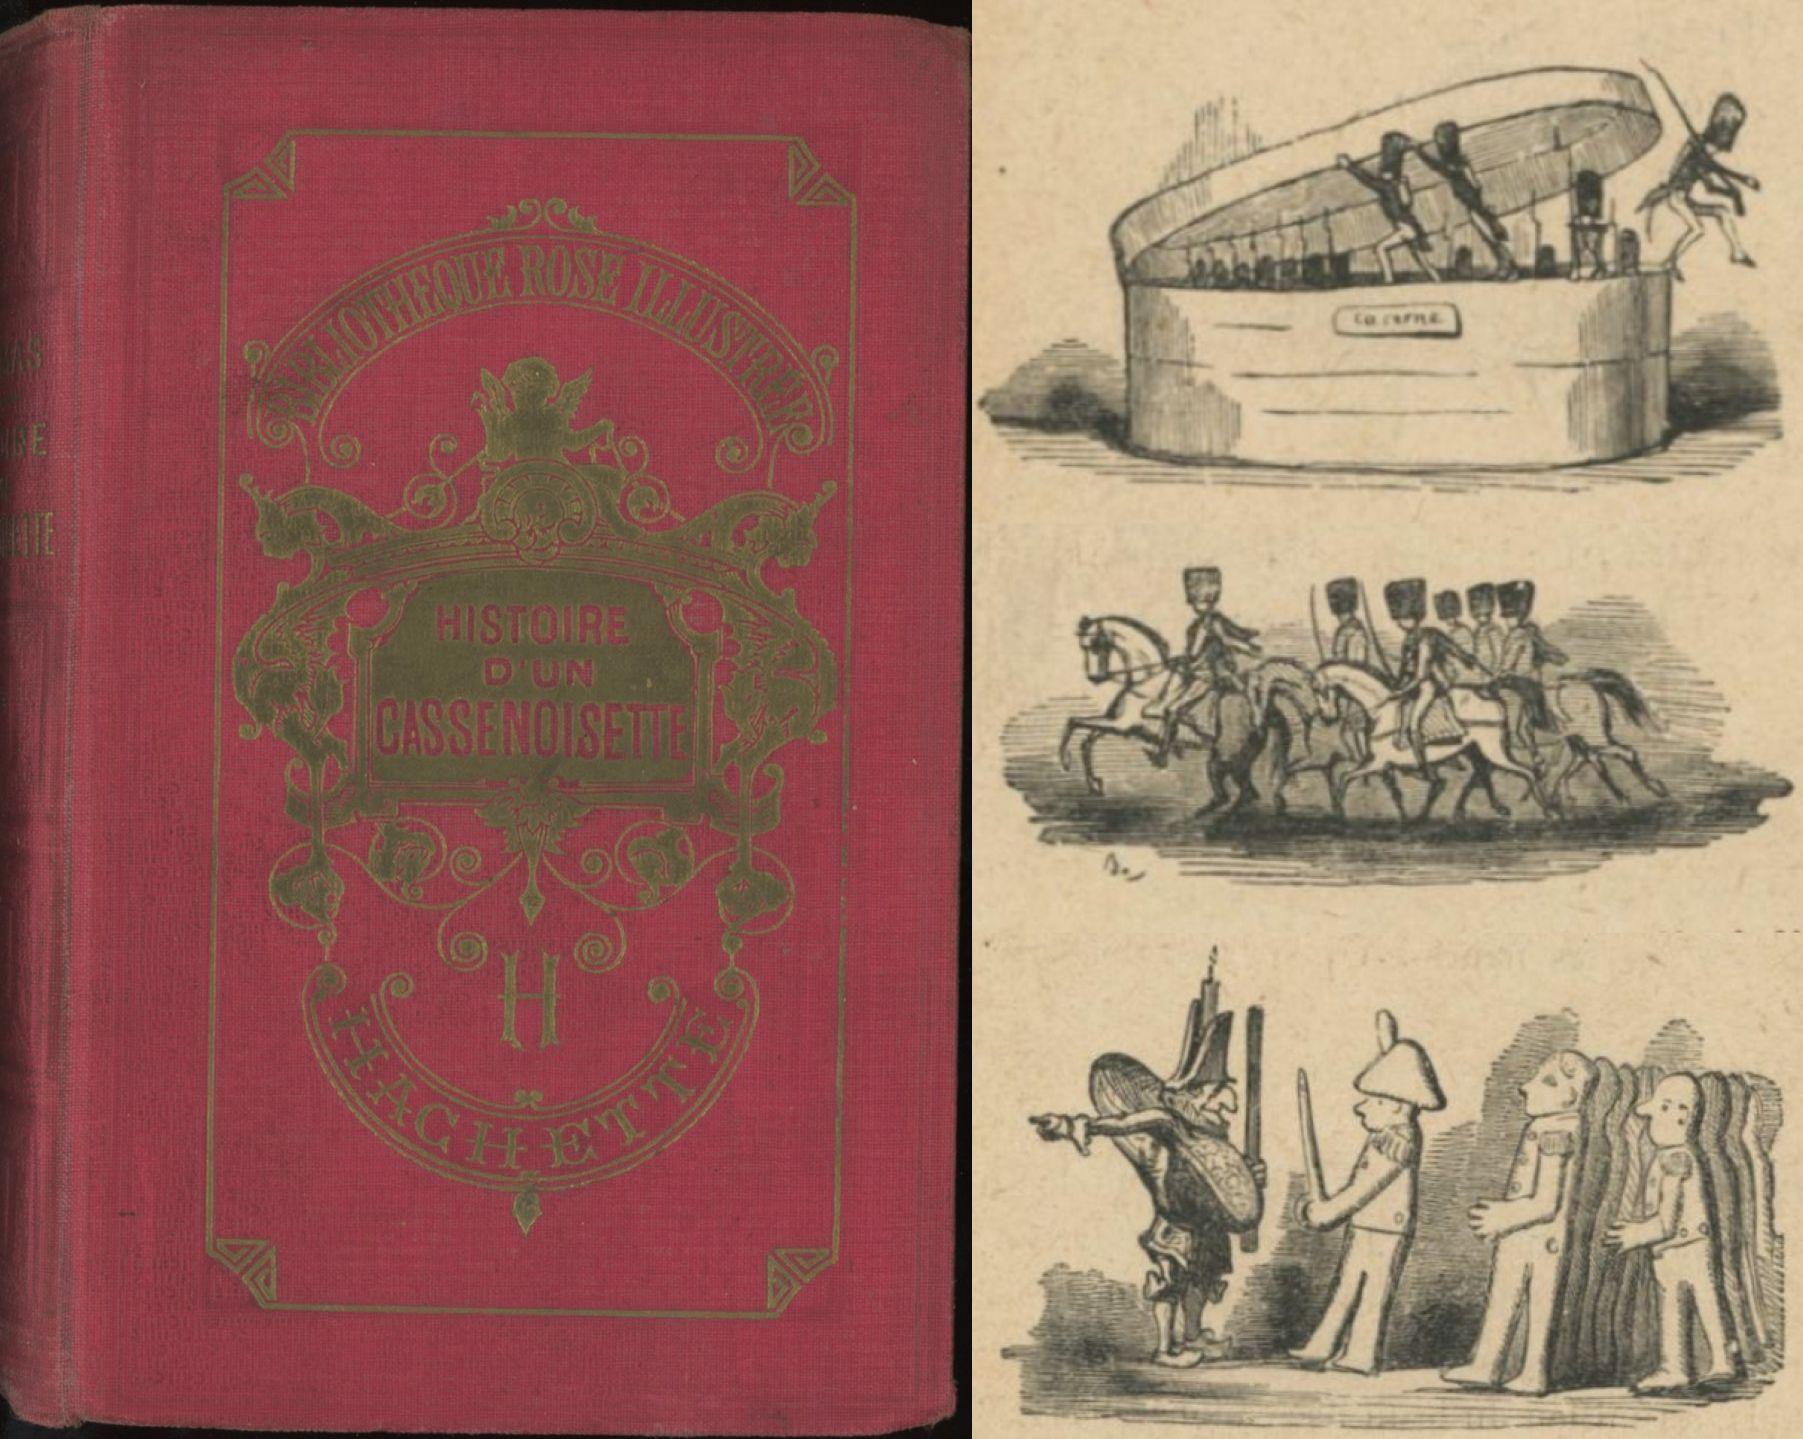 Bertall - Histoire d'un casse-noisette, Alexandre Dumas, Hachette Bibliothèque Rose Illustrée 1921